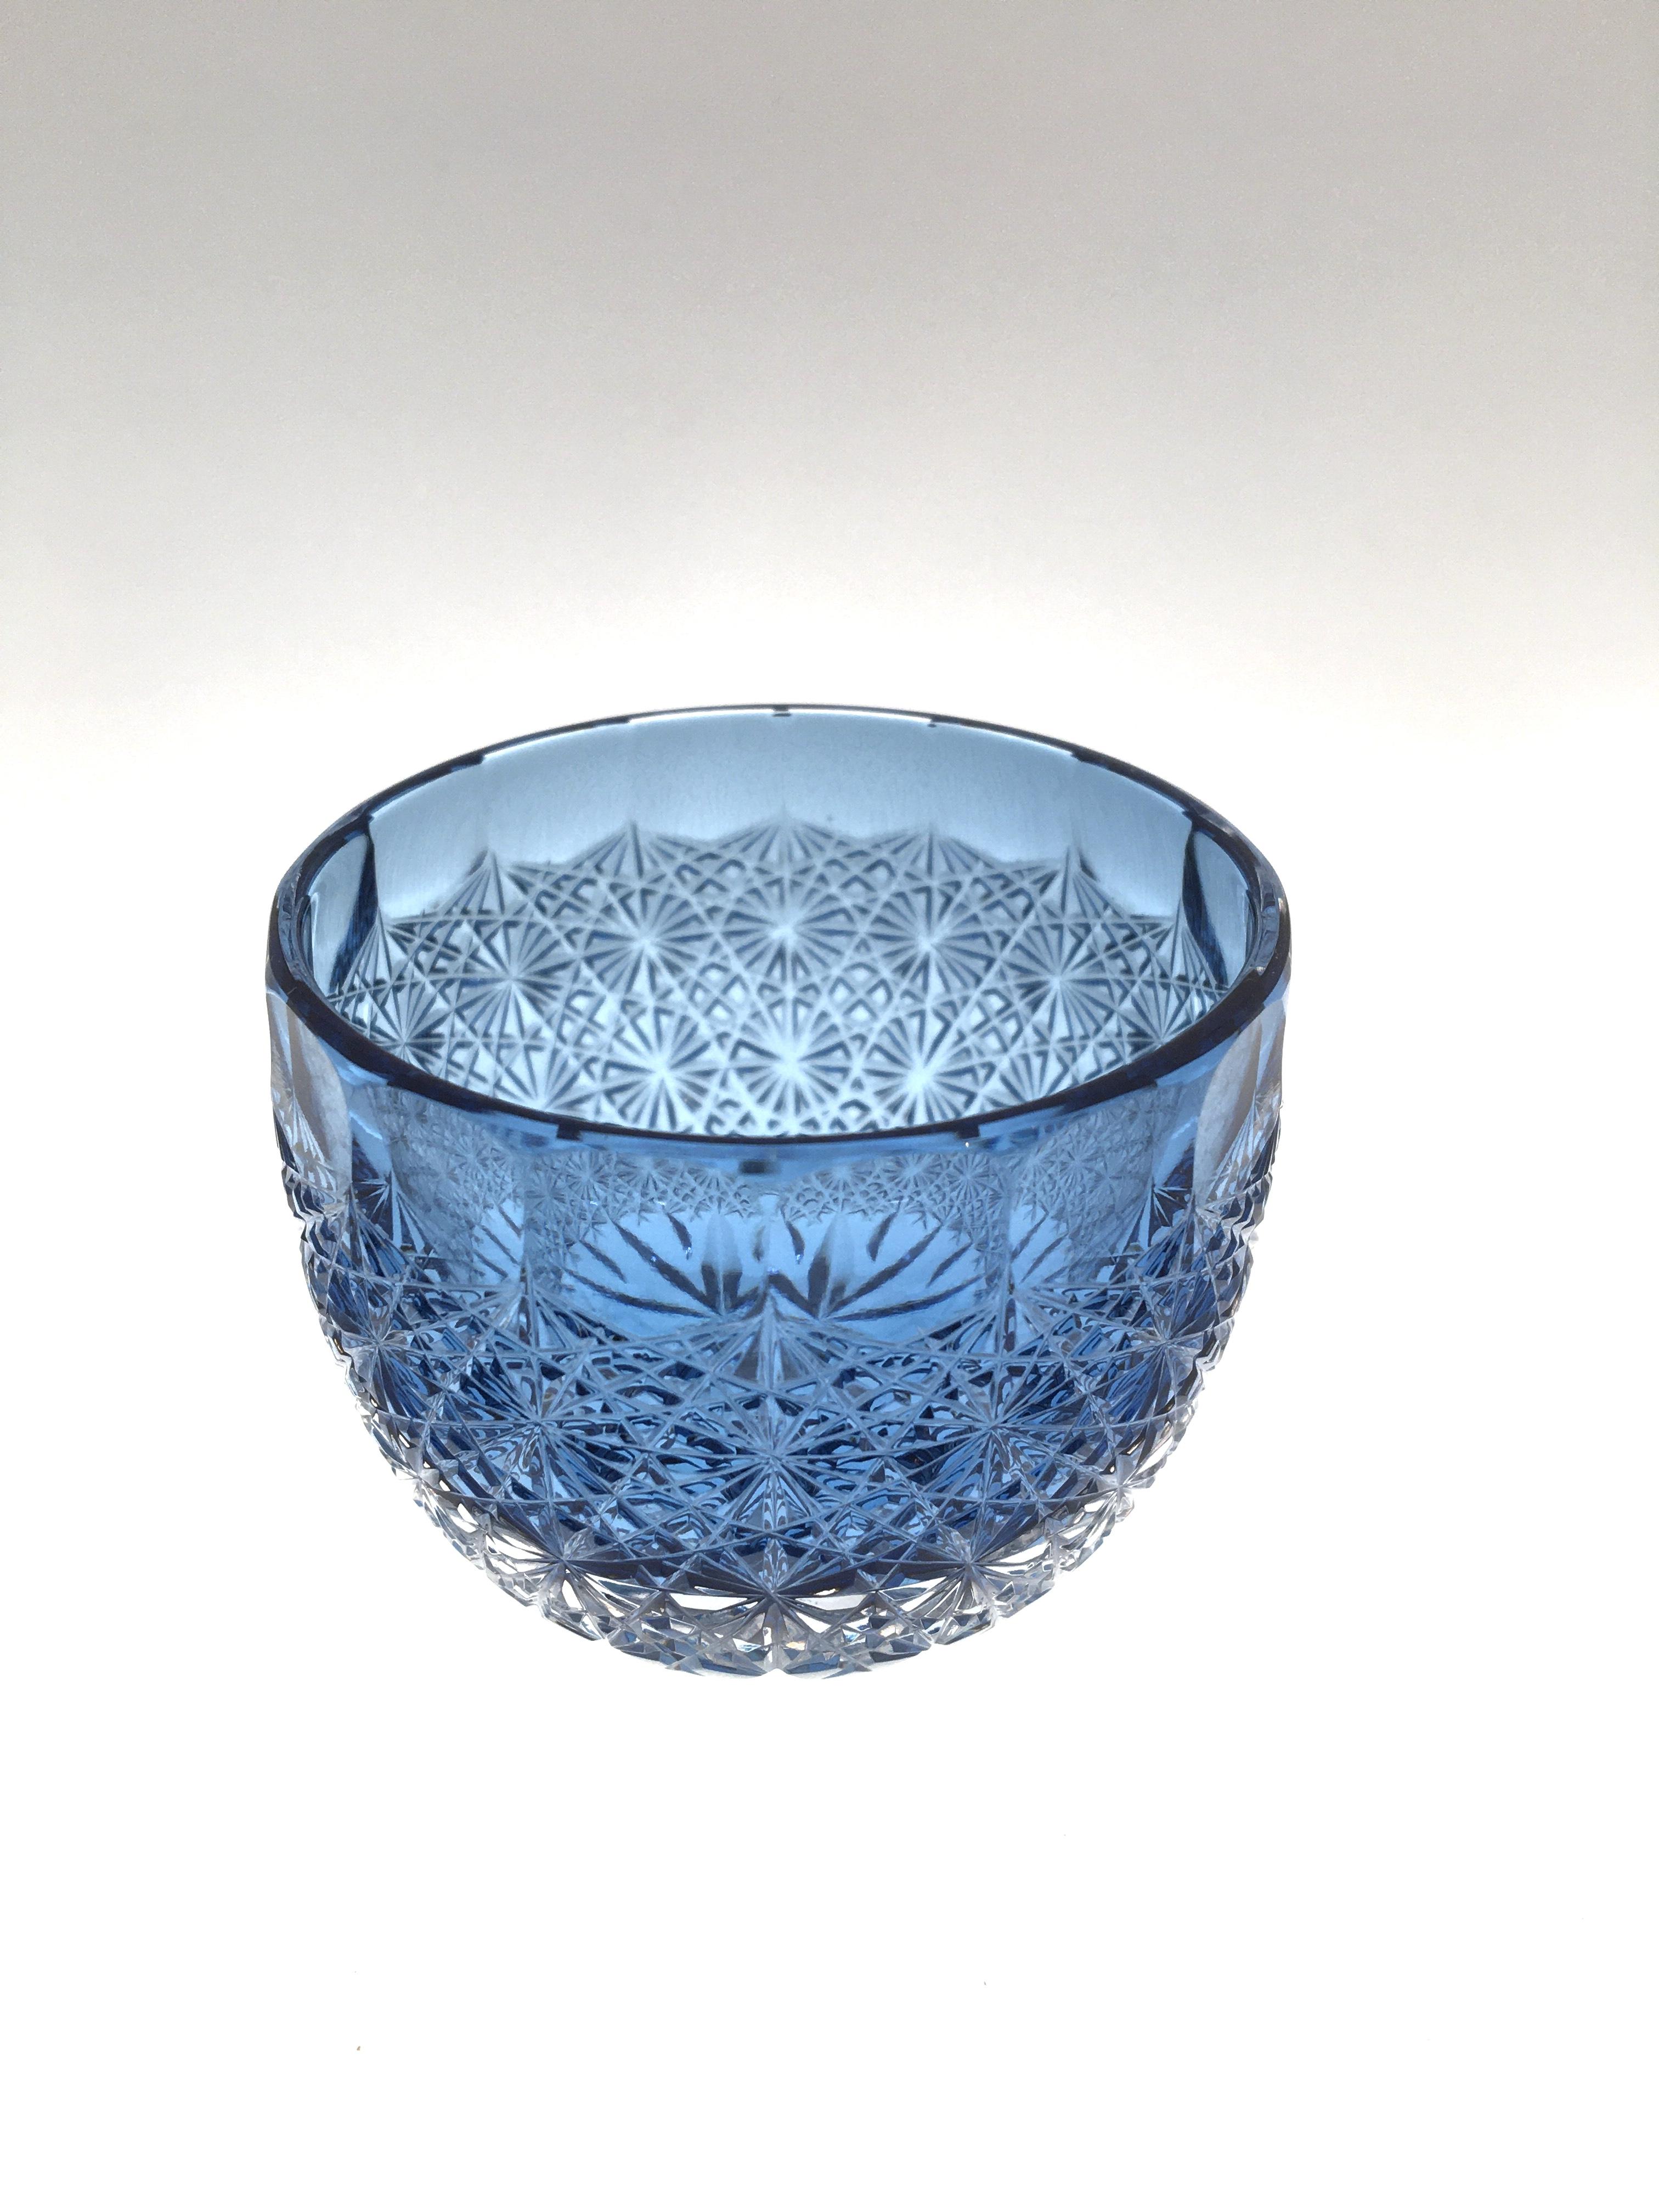 江戸切子 クリスタルガラスの品揃え商品を追加しました。